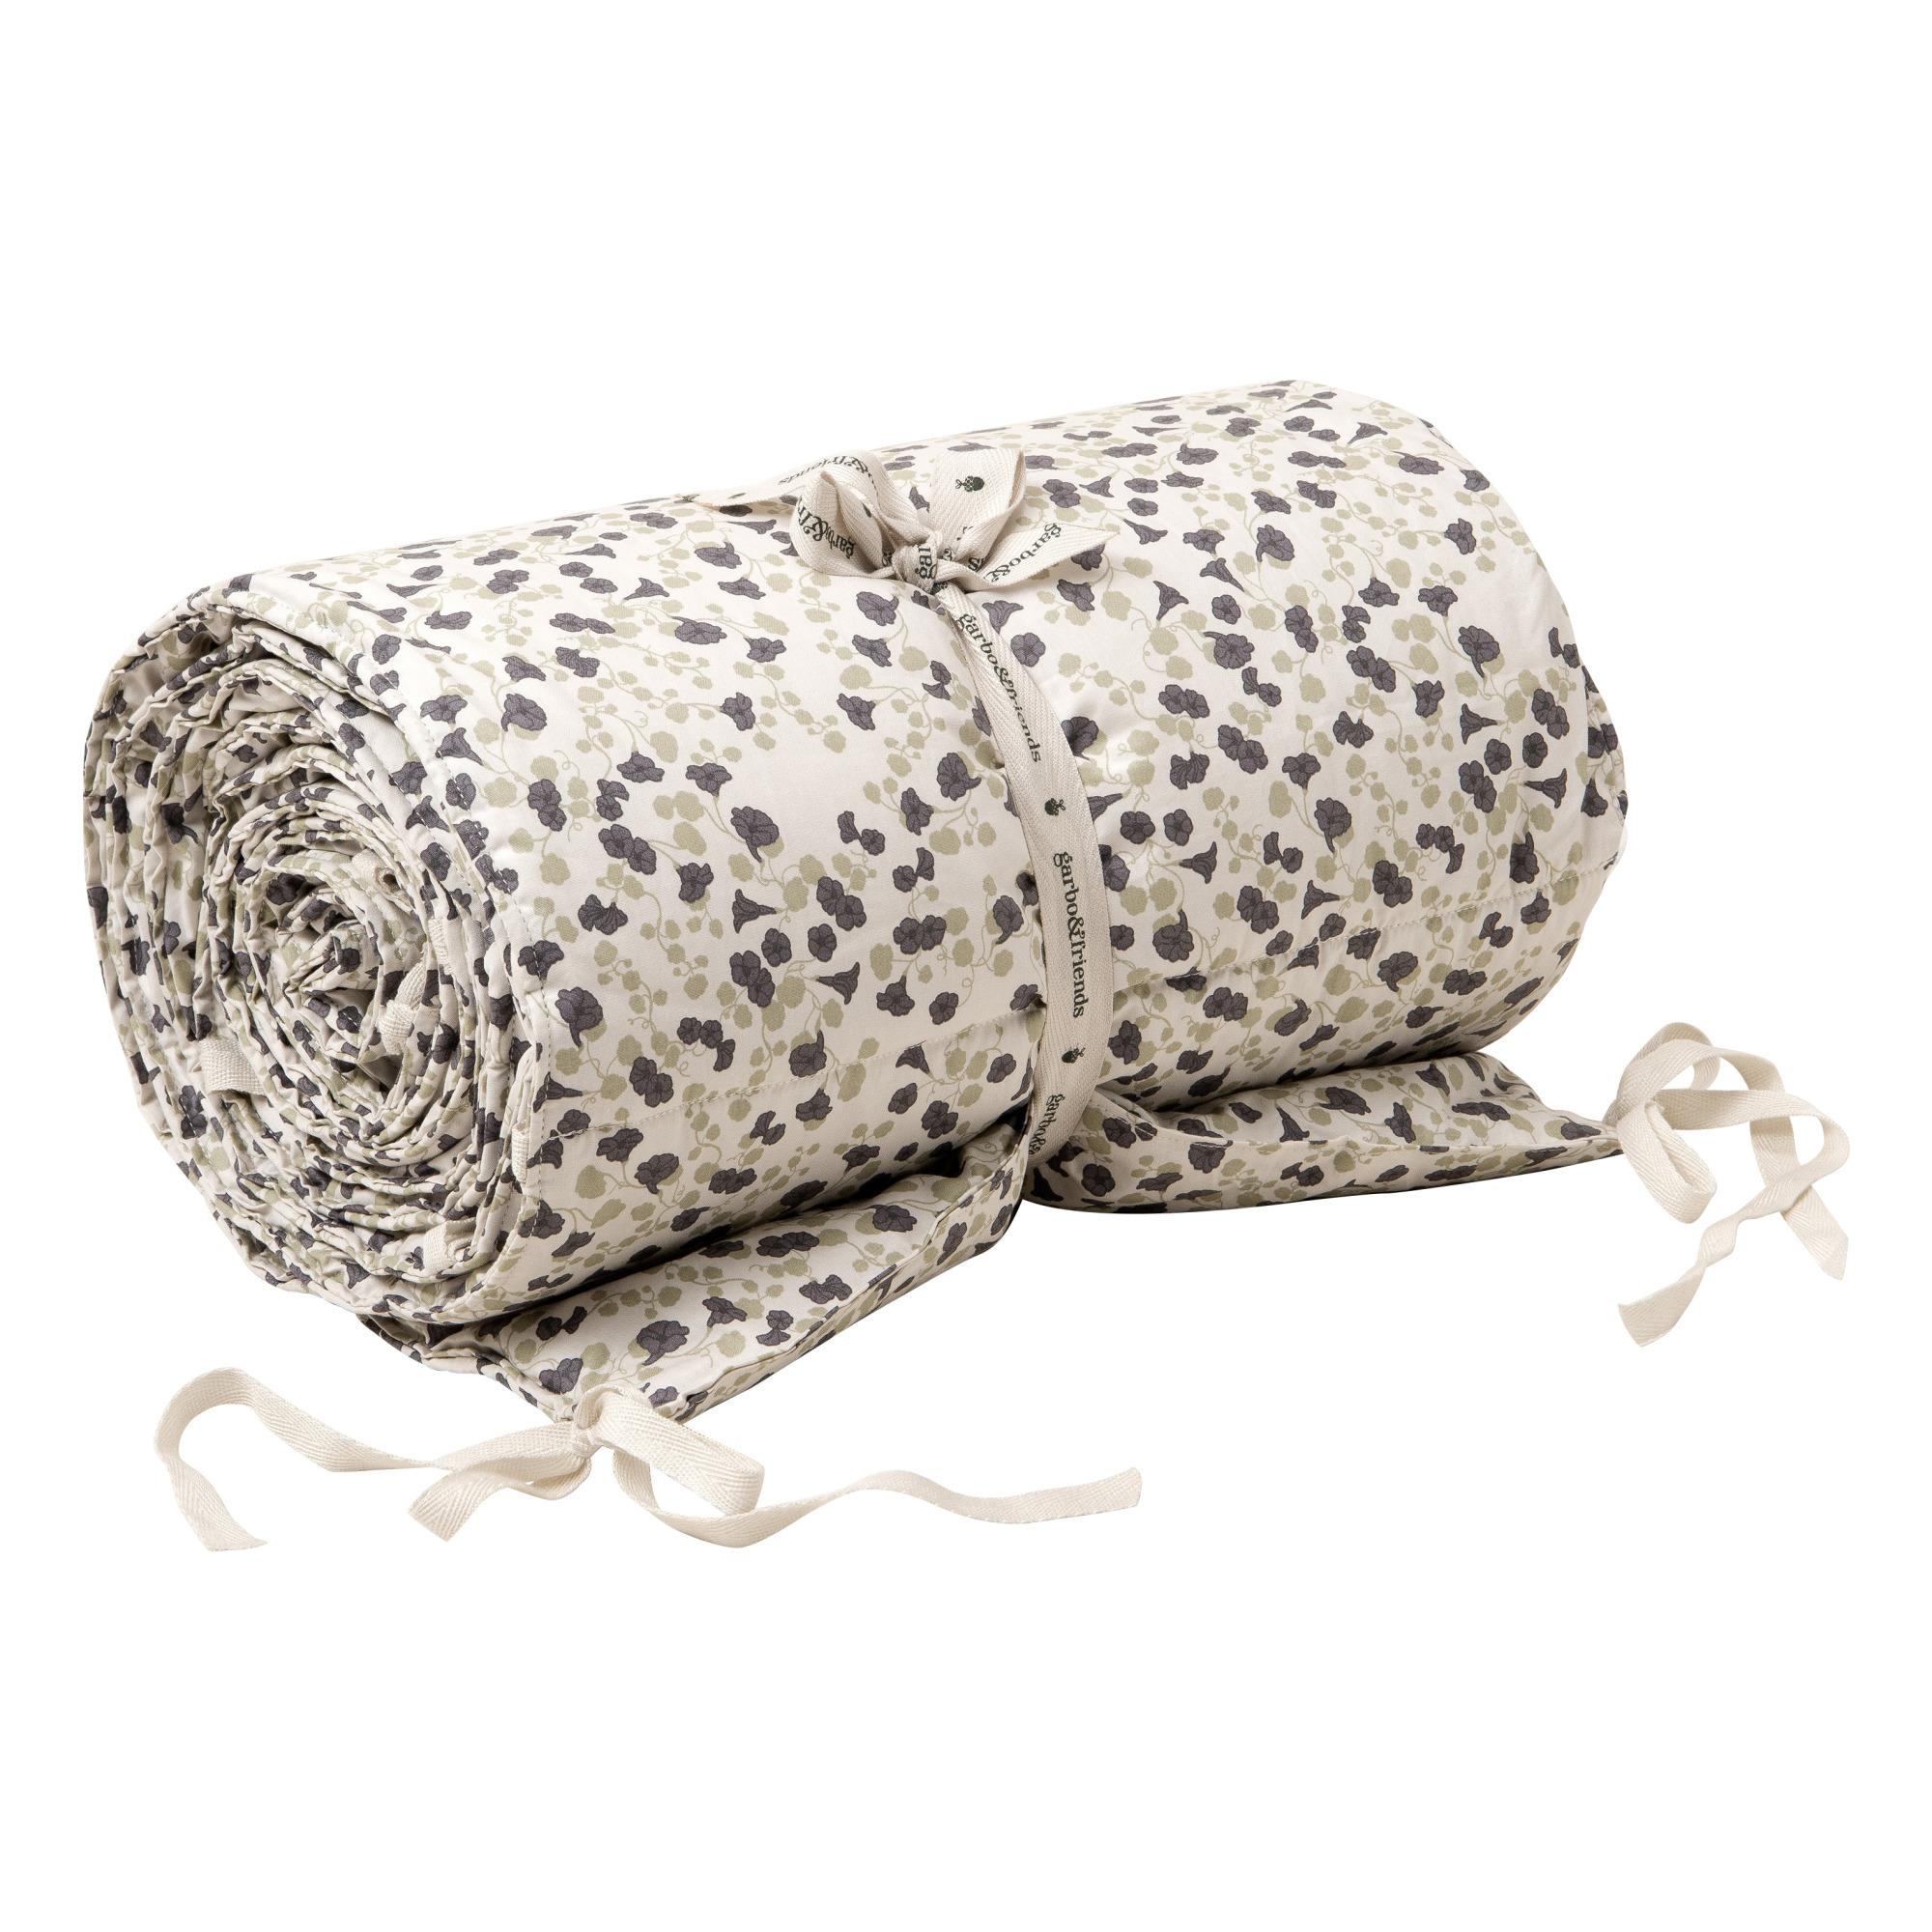 Tour de lit en percale de coton